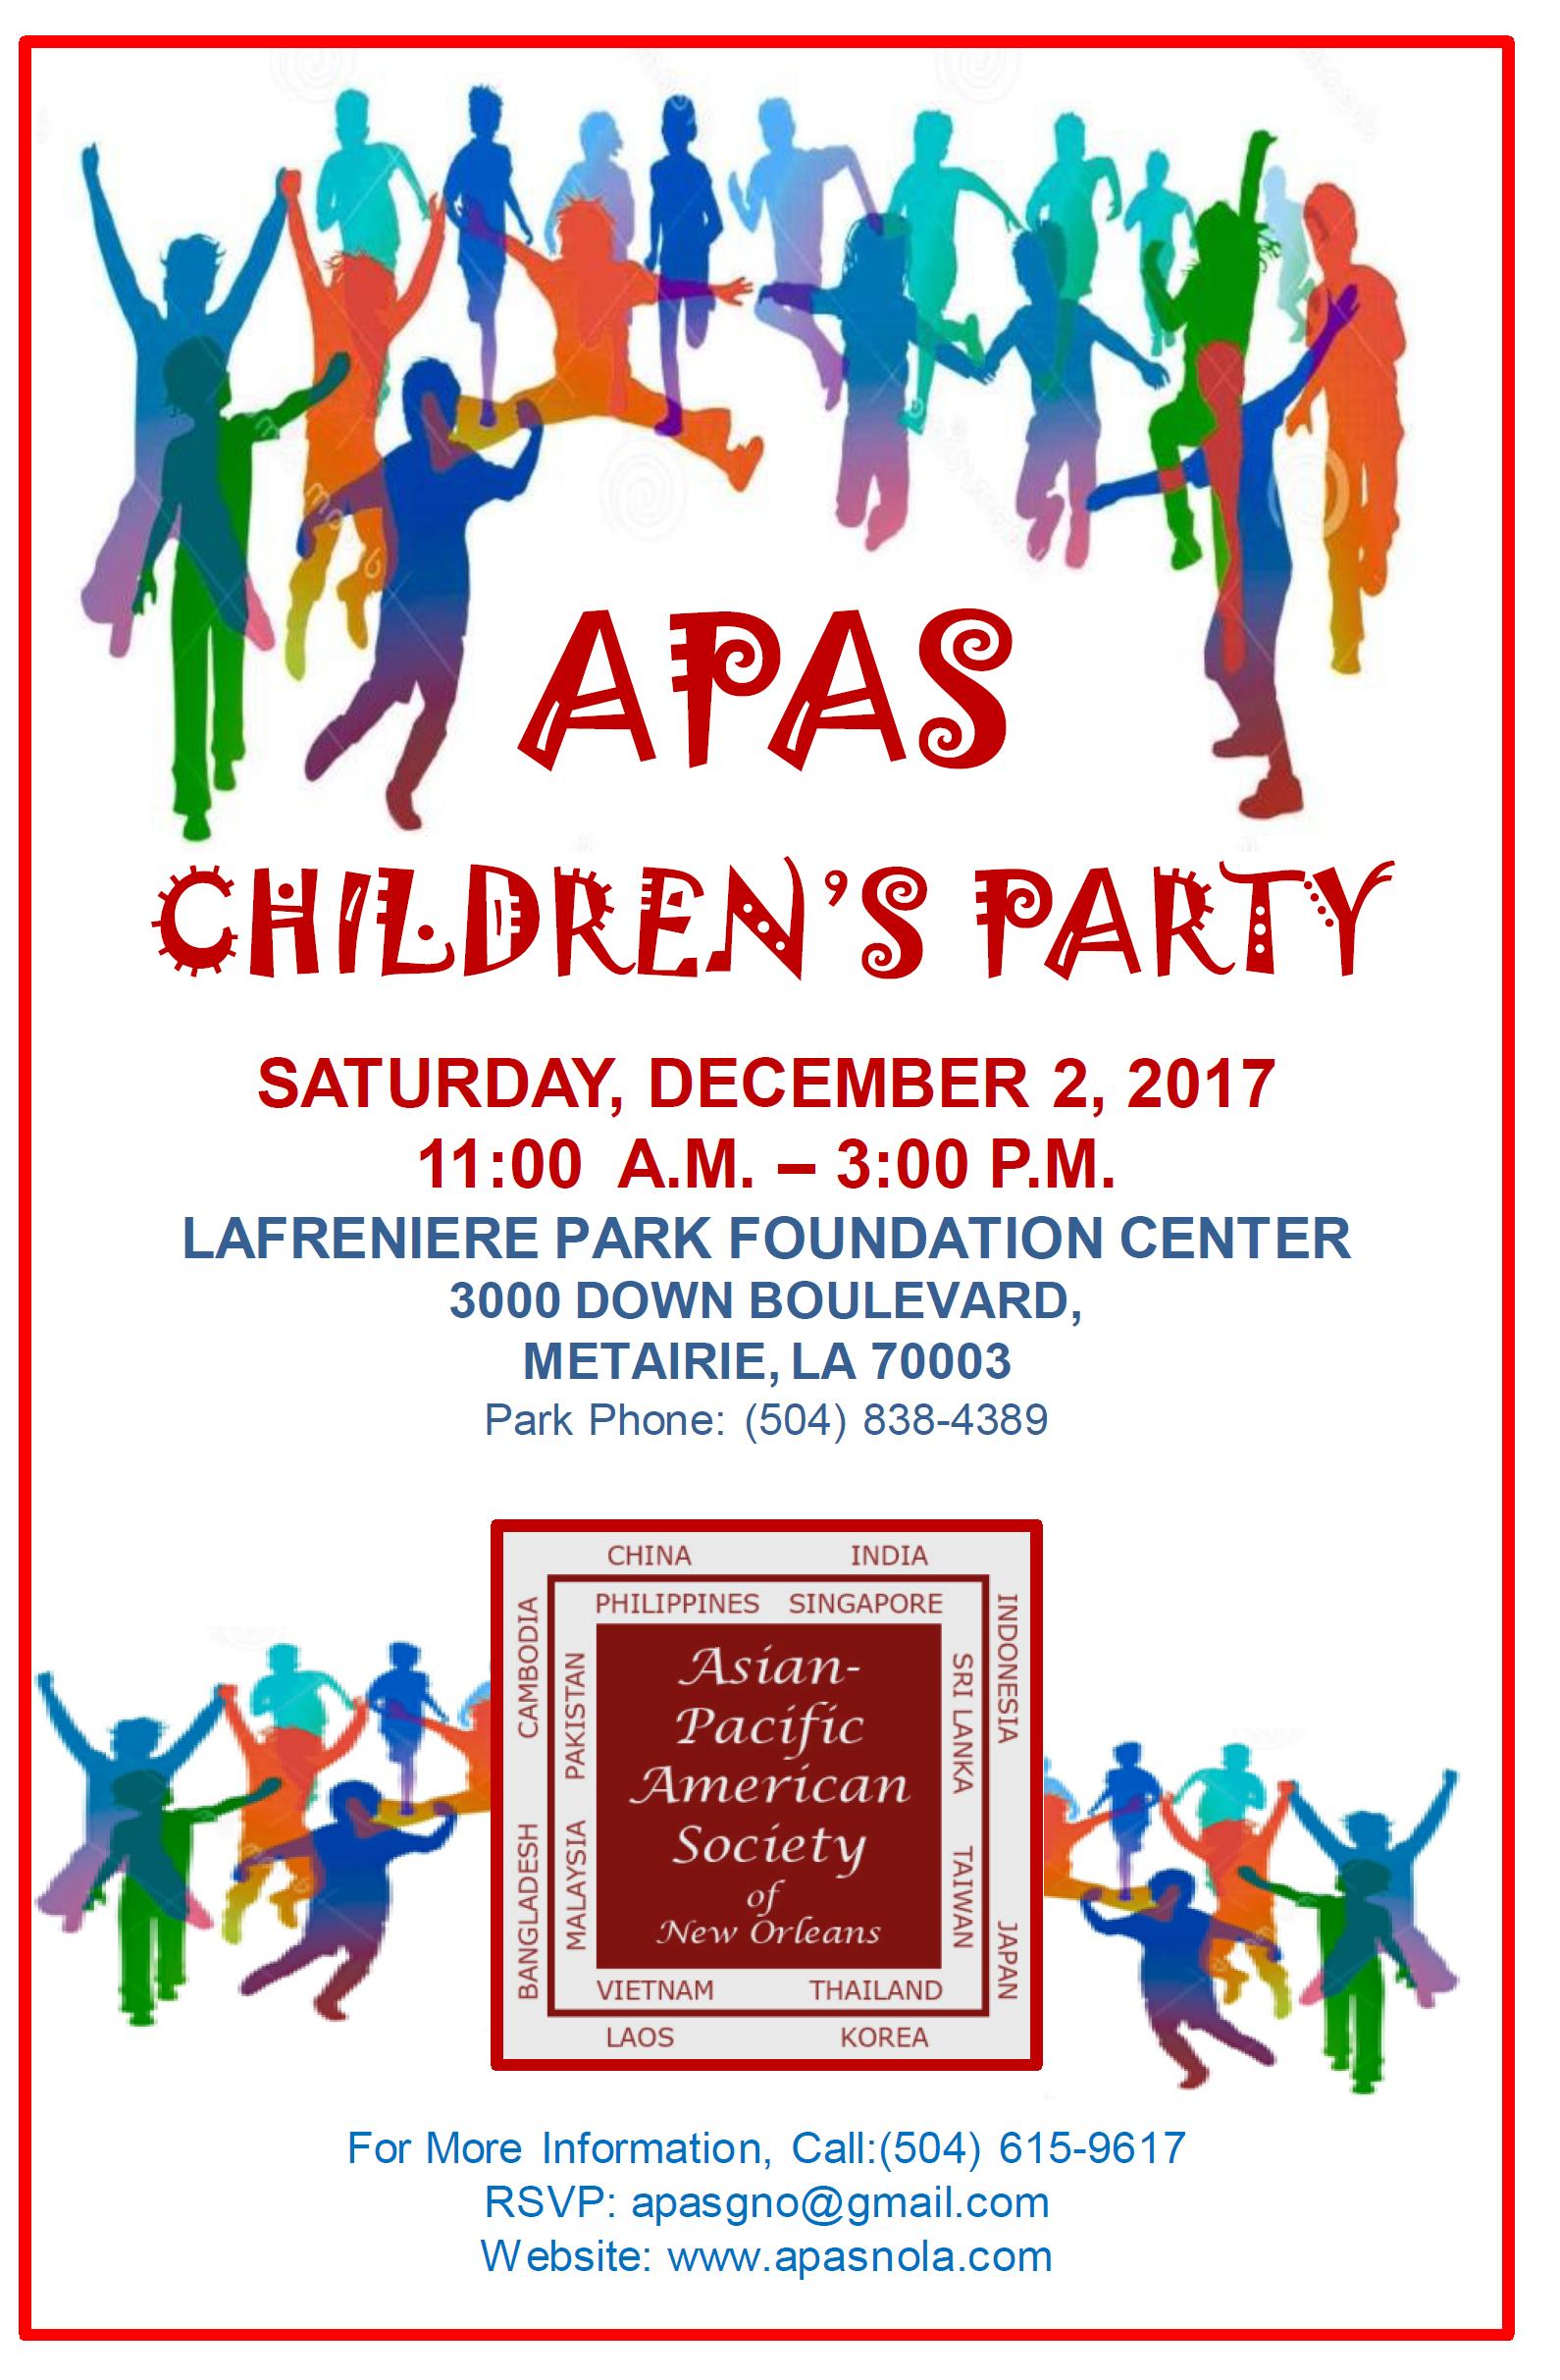 APAS Children's Party